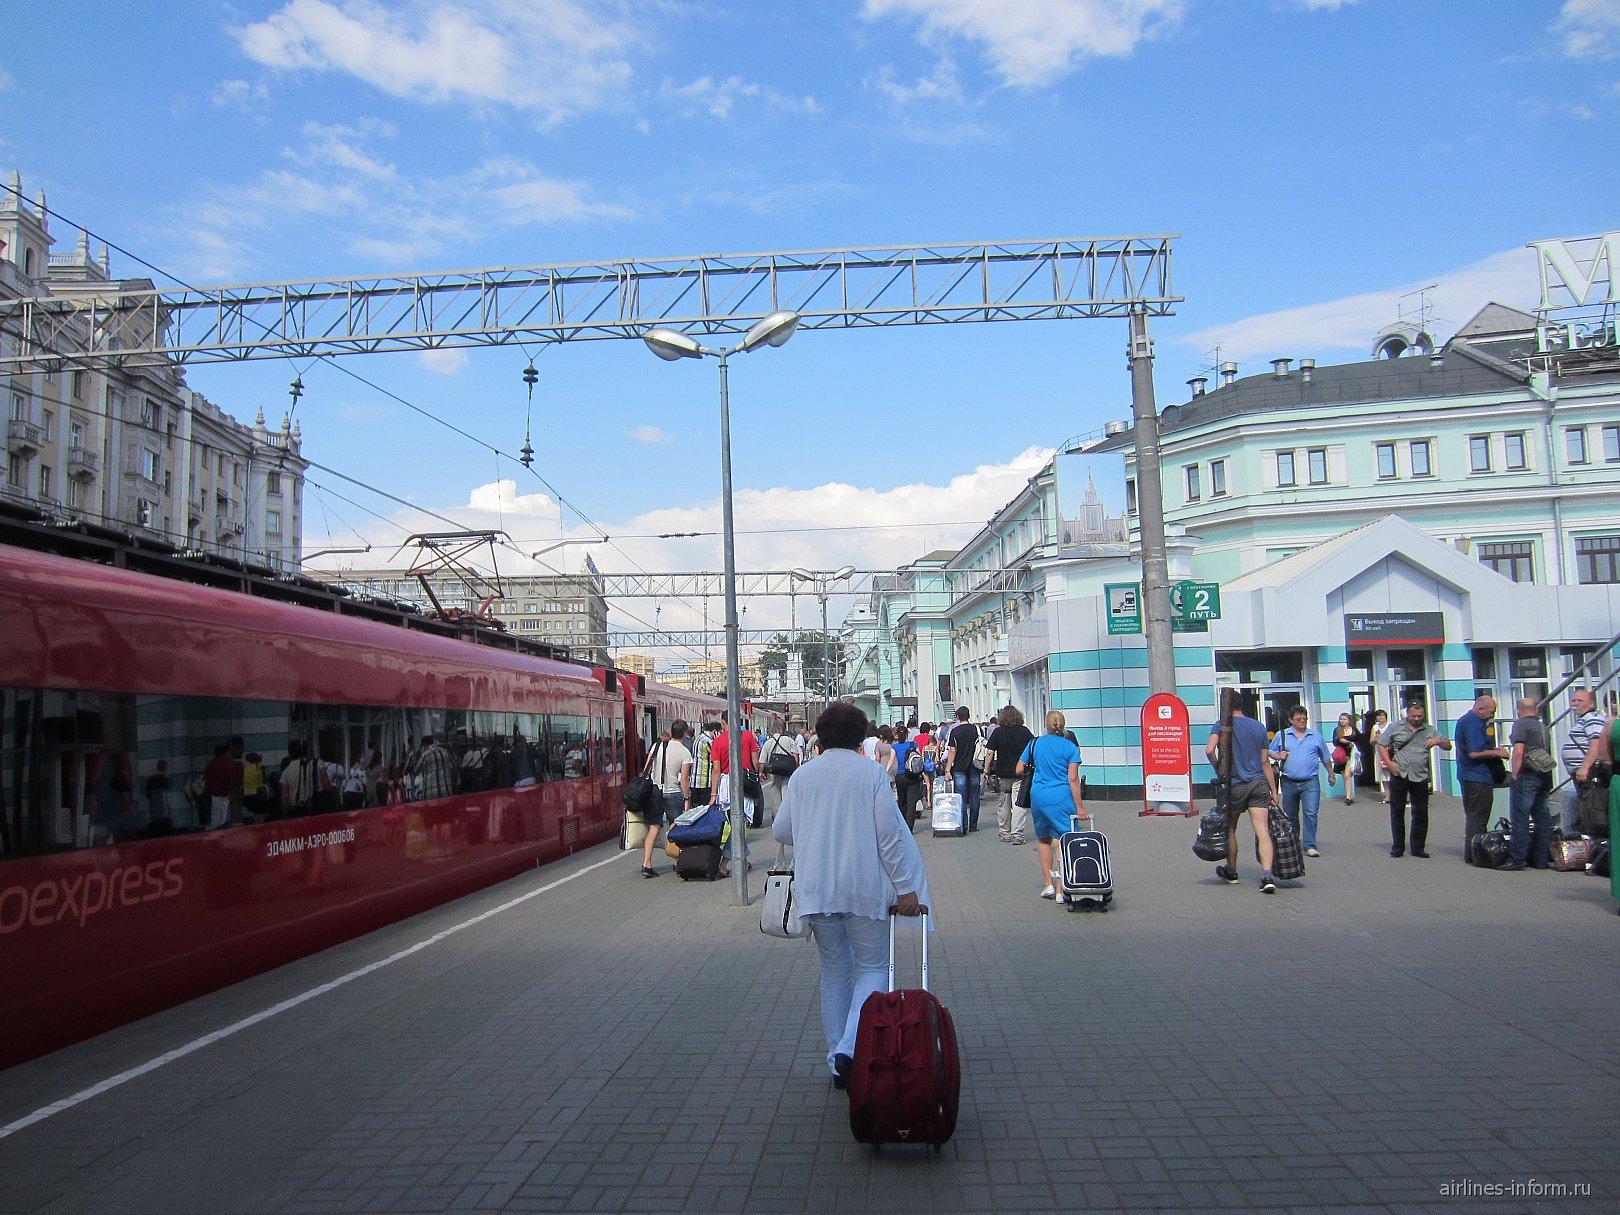 Аэроэкспресс на Белорусском жд вокзале Москвы